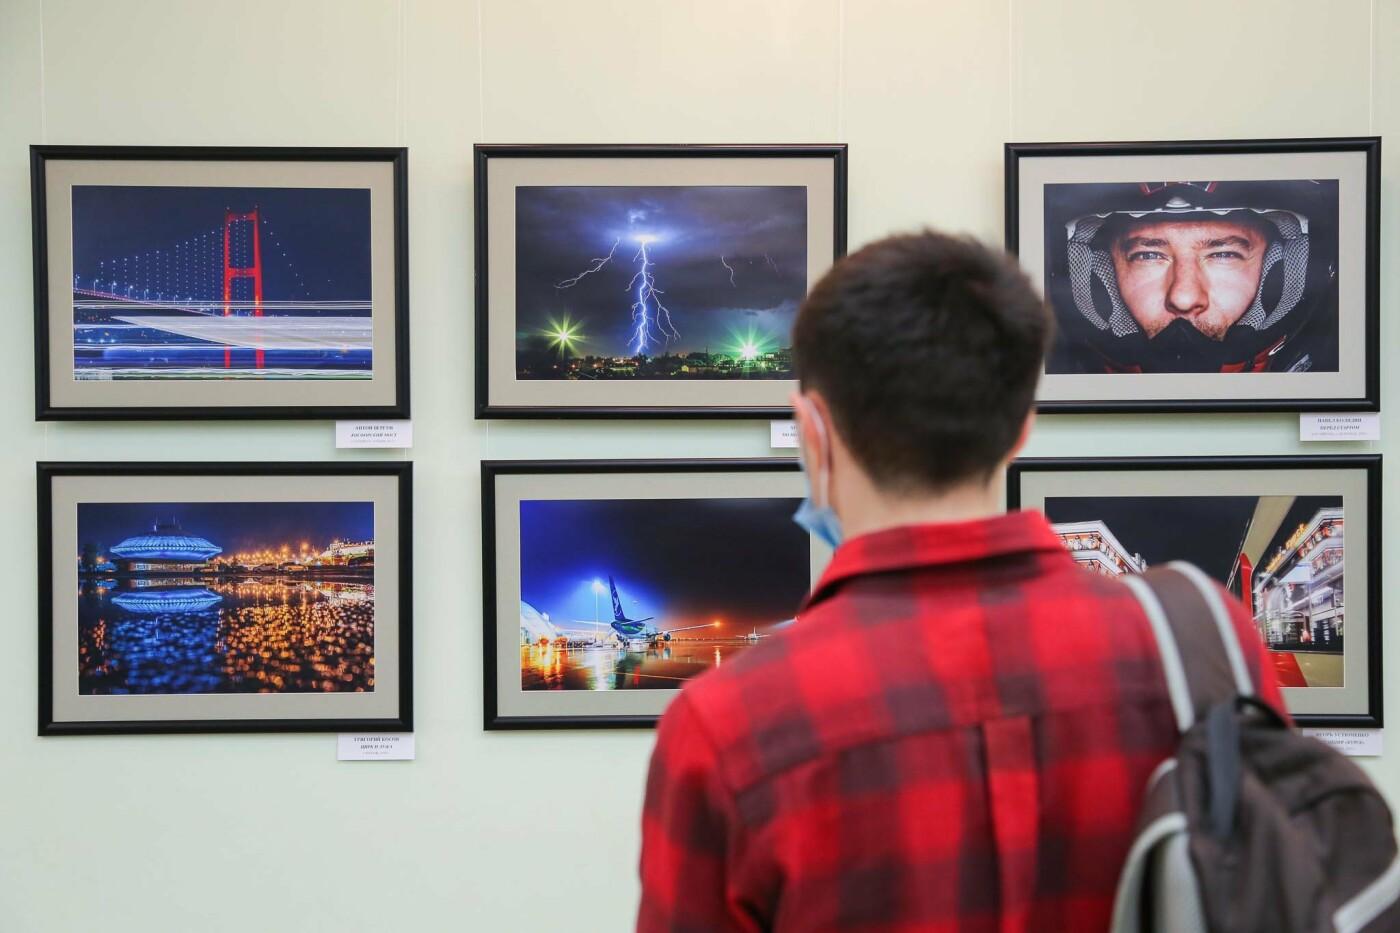 Подведение итогов XI открытого конкурса в белгородской галерее фотоискусства им. В. А. Собровина, Фото: Антон Вергун